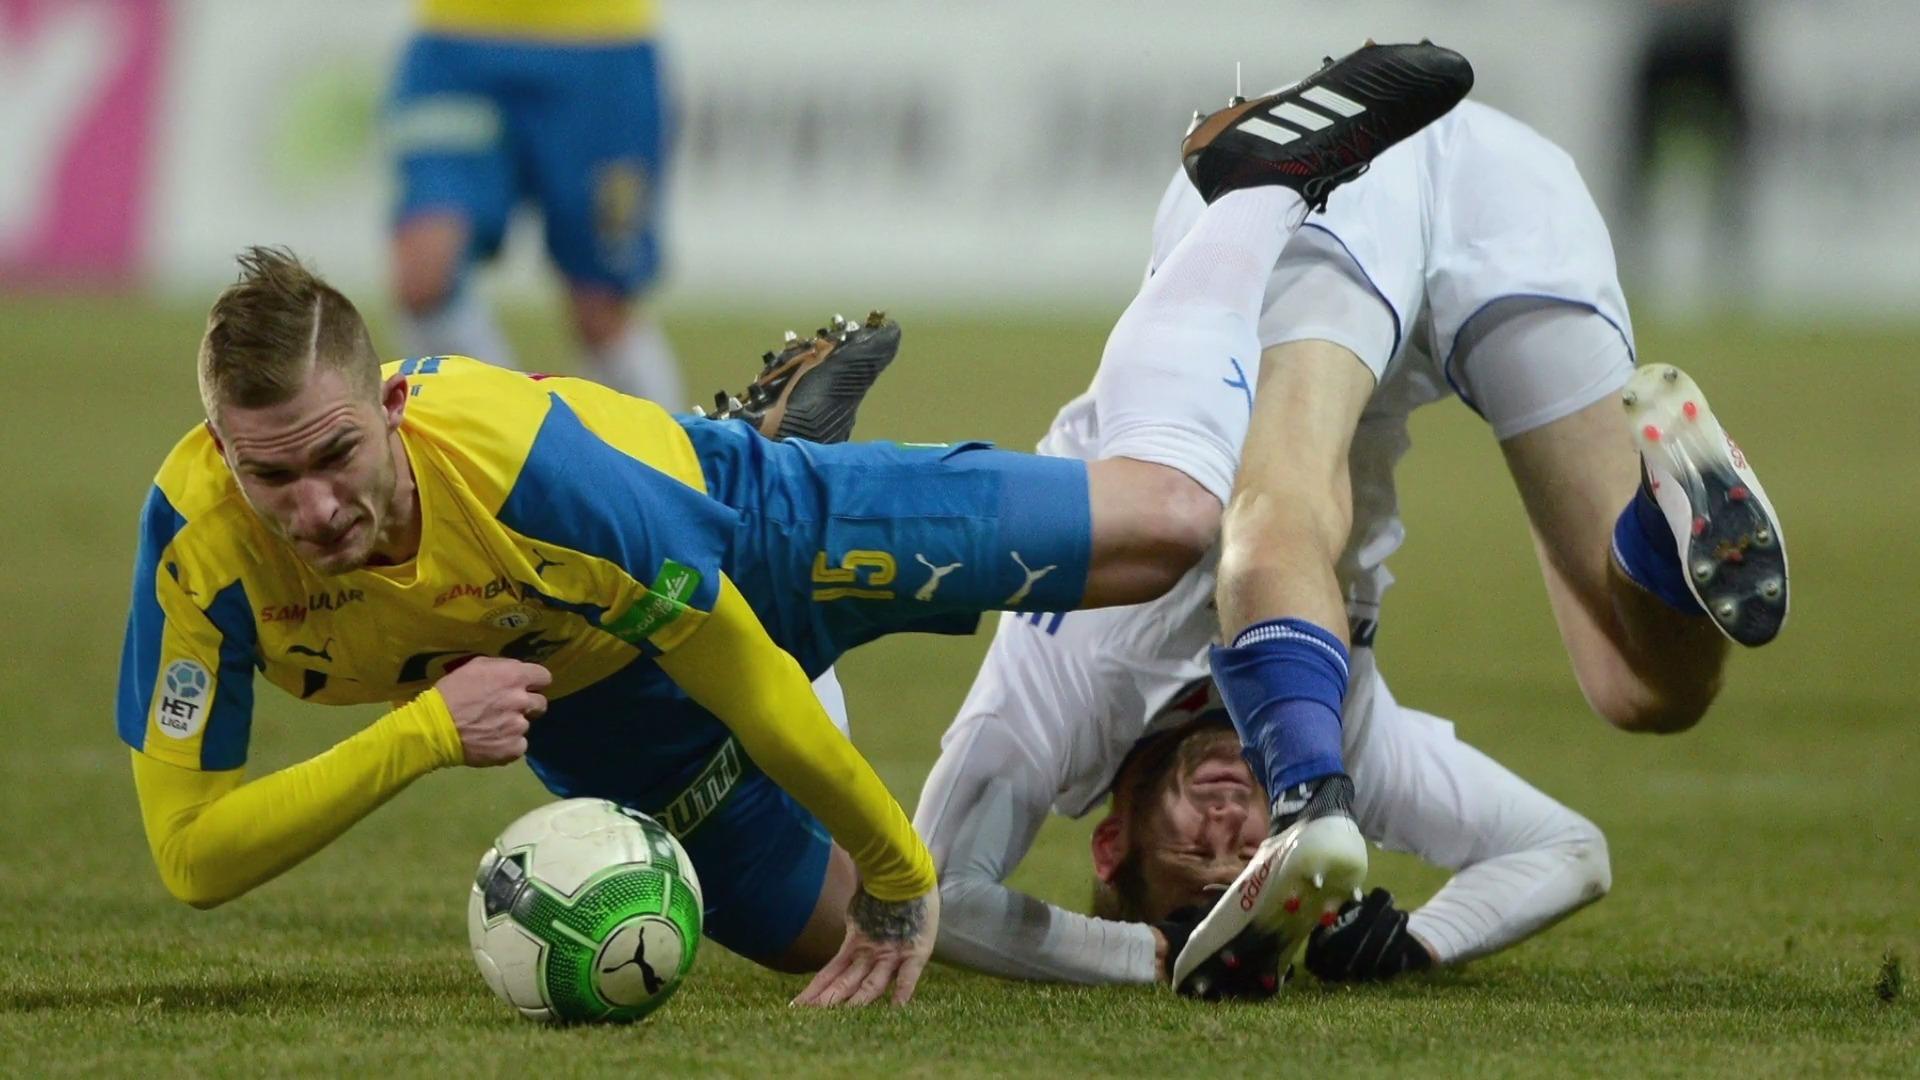 Za práva na fotbalovou ligu nabízí Pragosport 150 milionů, ve hře bude i TV Barrandov